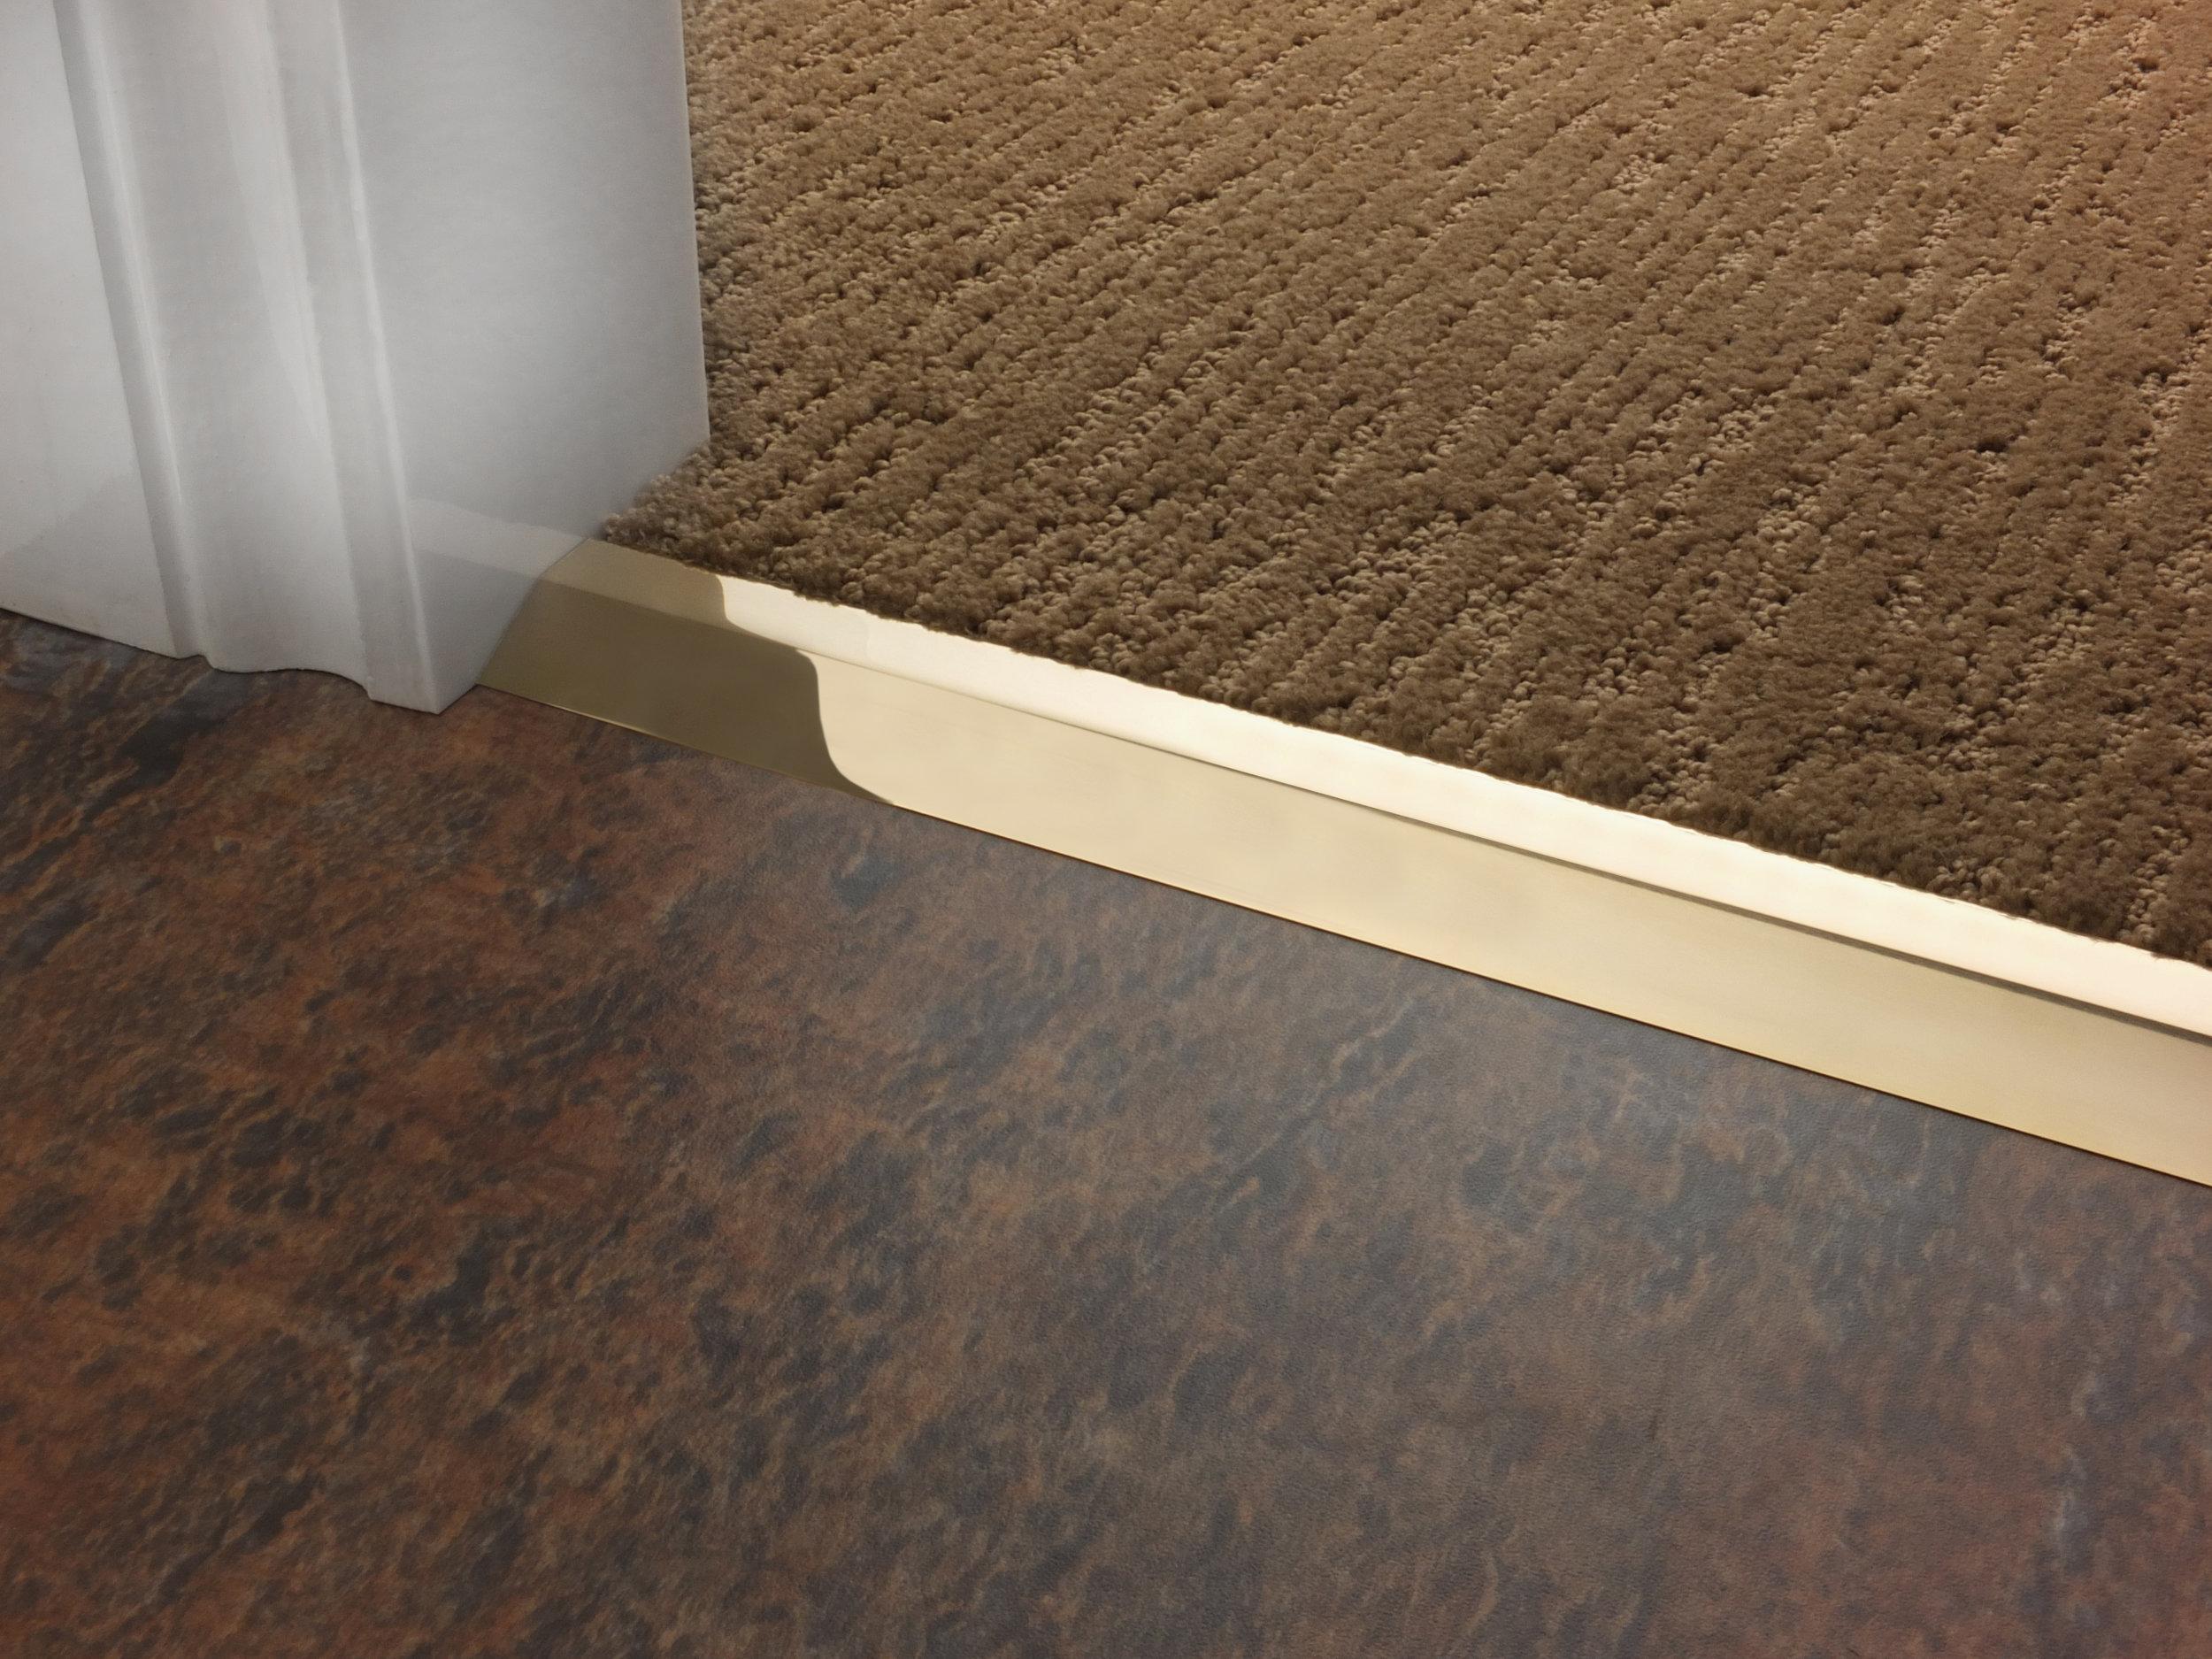 stairrods-doorbar-brass-compression-ramp-8mm-LHF.jpg